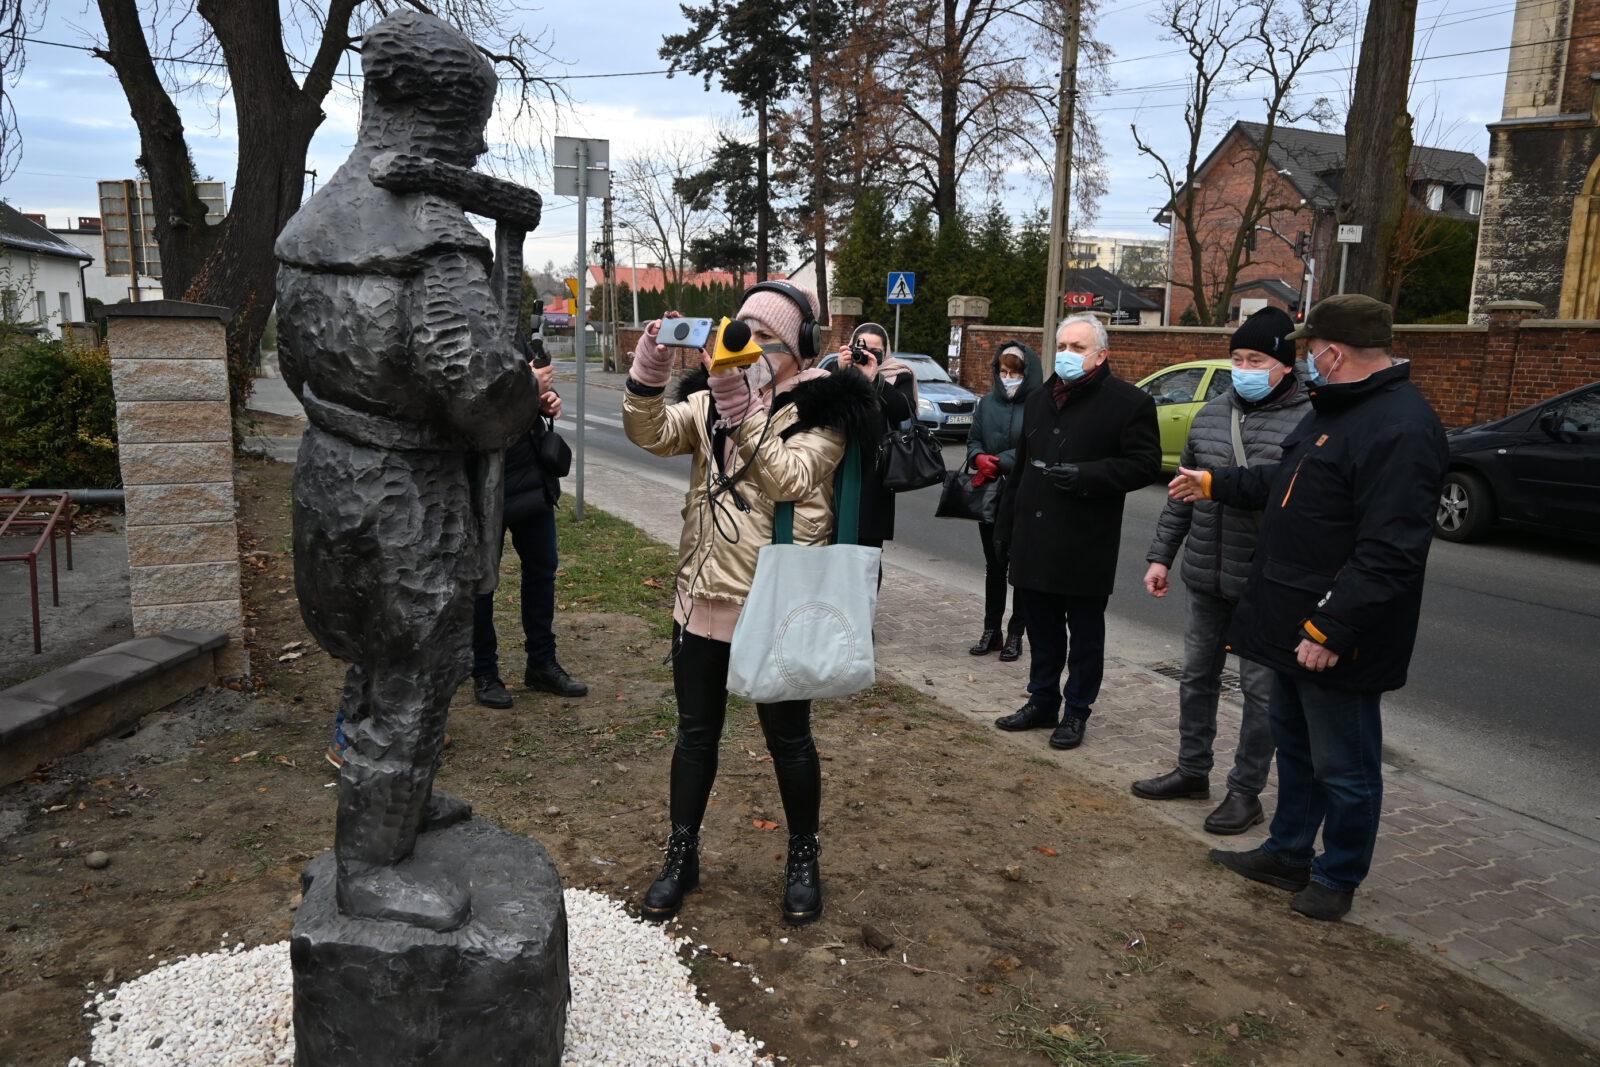 Odsłonięcie 8. figury gwarka w Tarnowskich Górach. Na zdjęciu burmistrz Arkadiusz Czech, autor rzeźby Jerzy Lisek, dziennikarze i inni